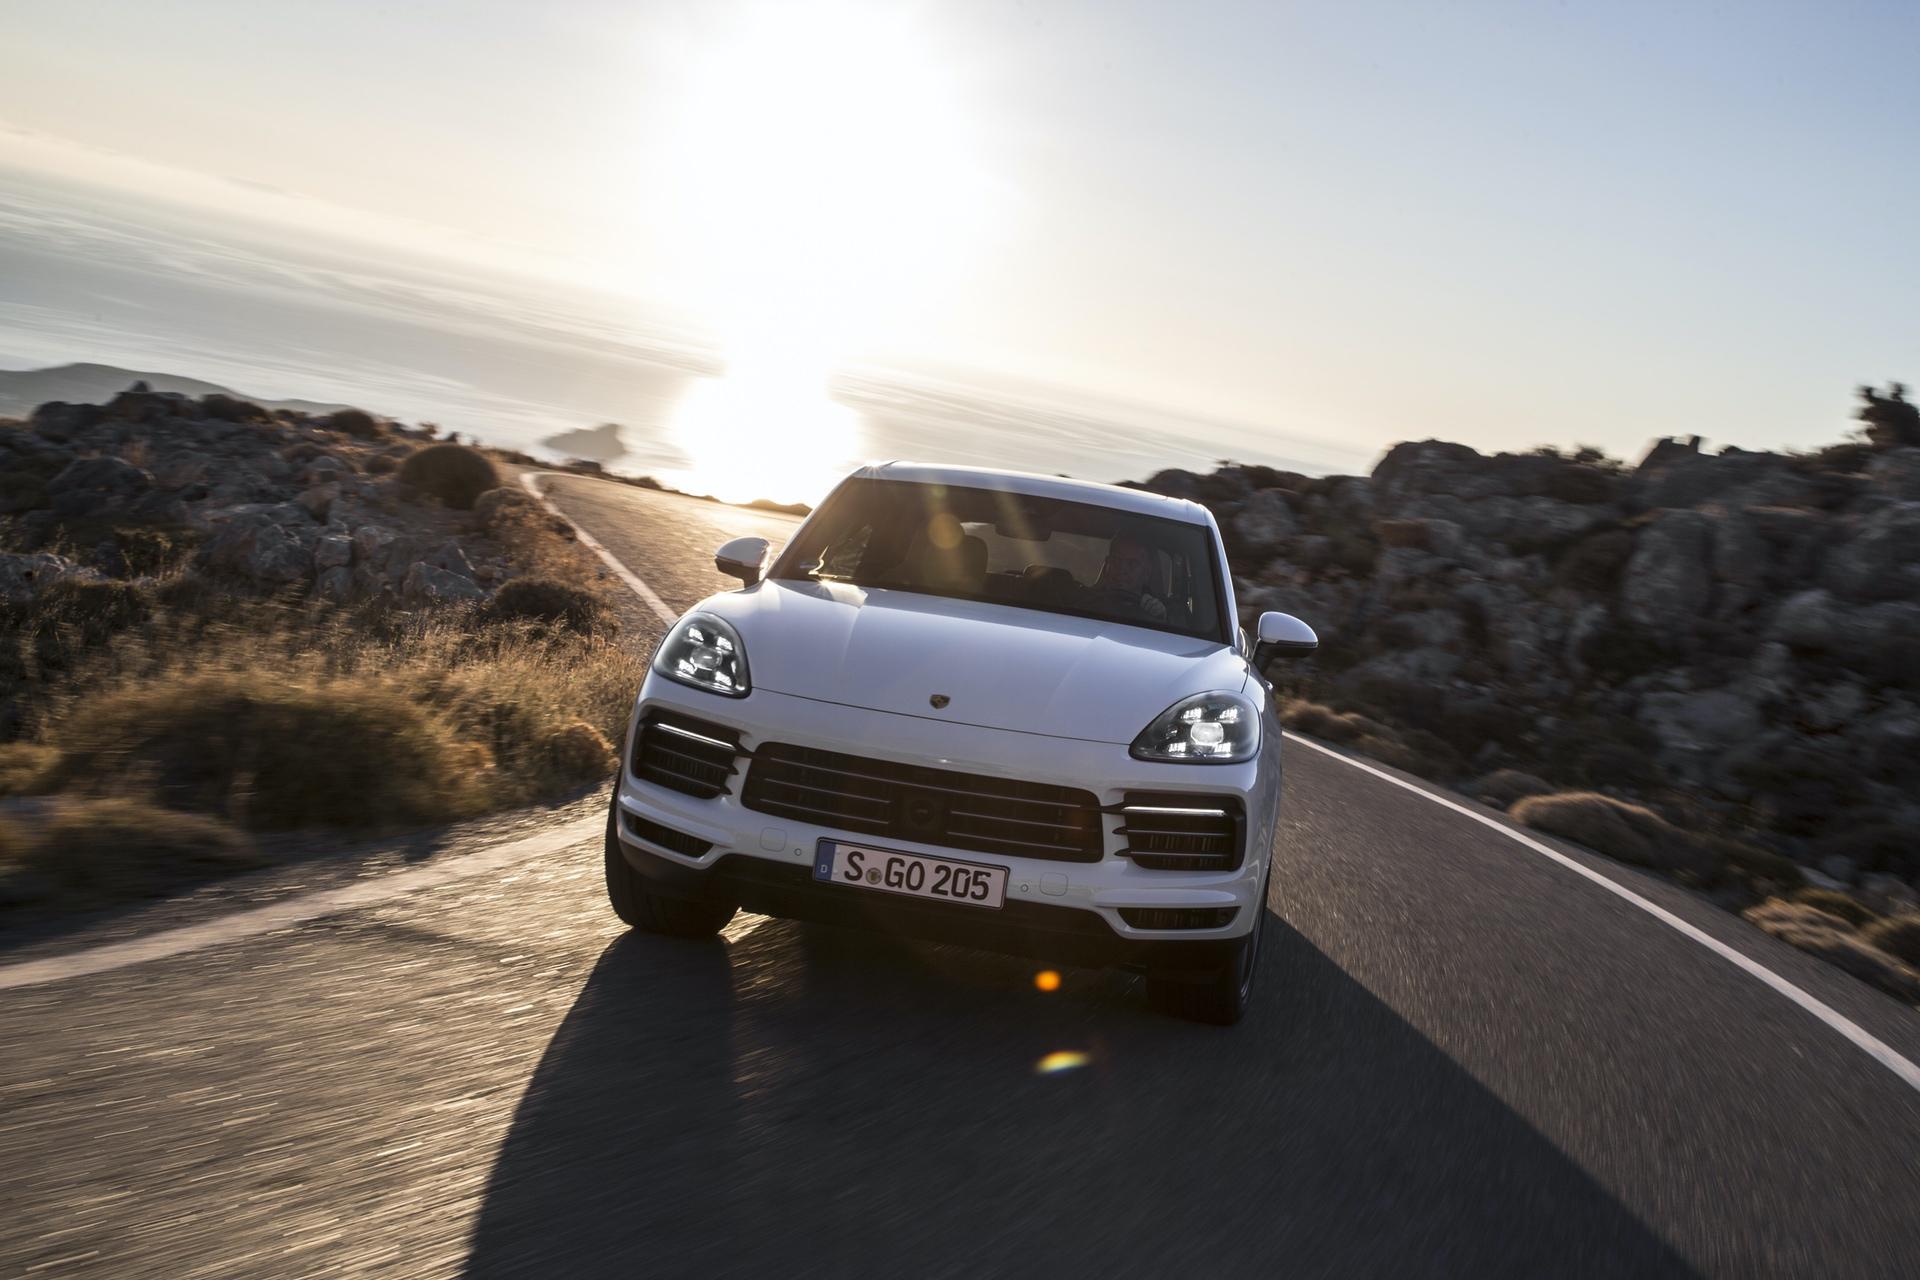 Test_Drive_Porsche_Cayenne_192